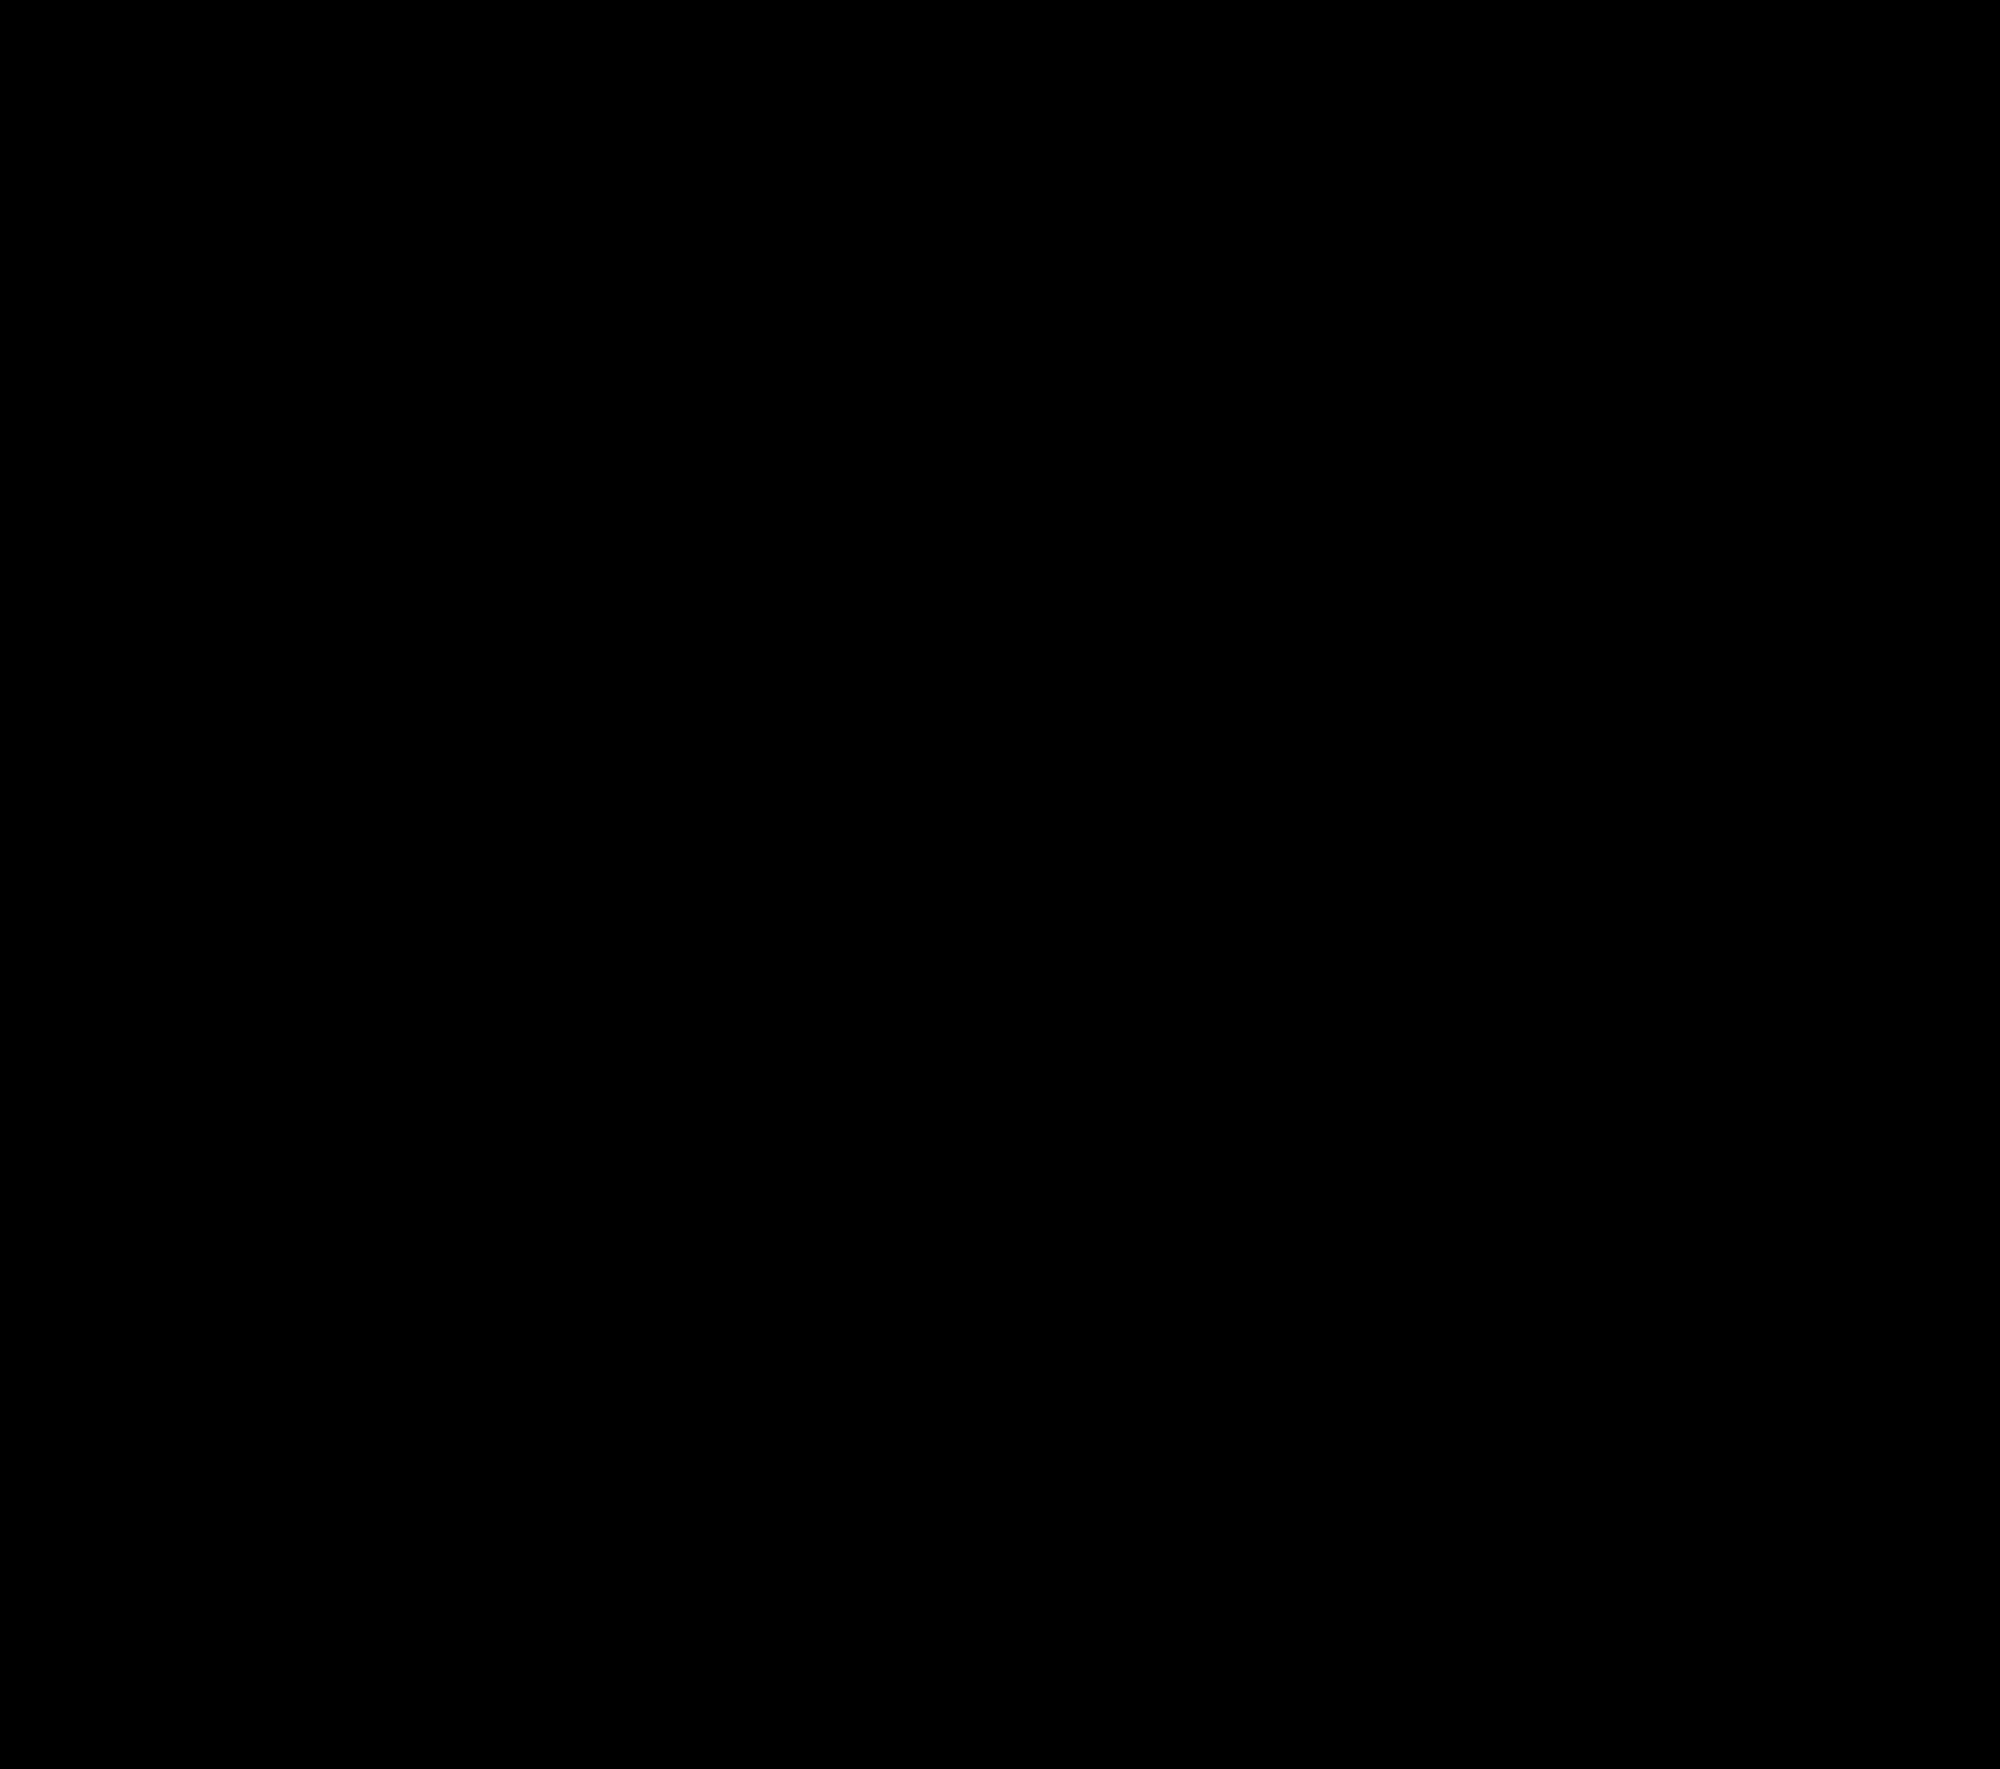 Simple bridge (line drawing)